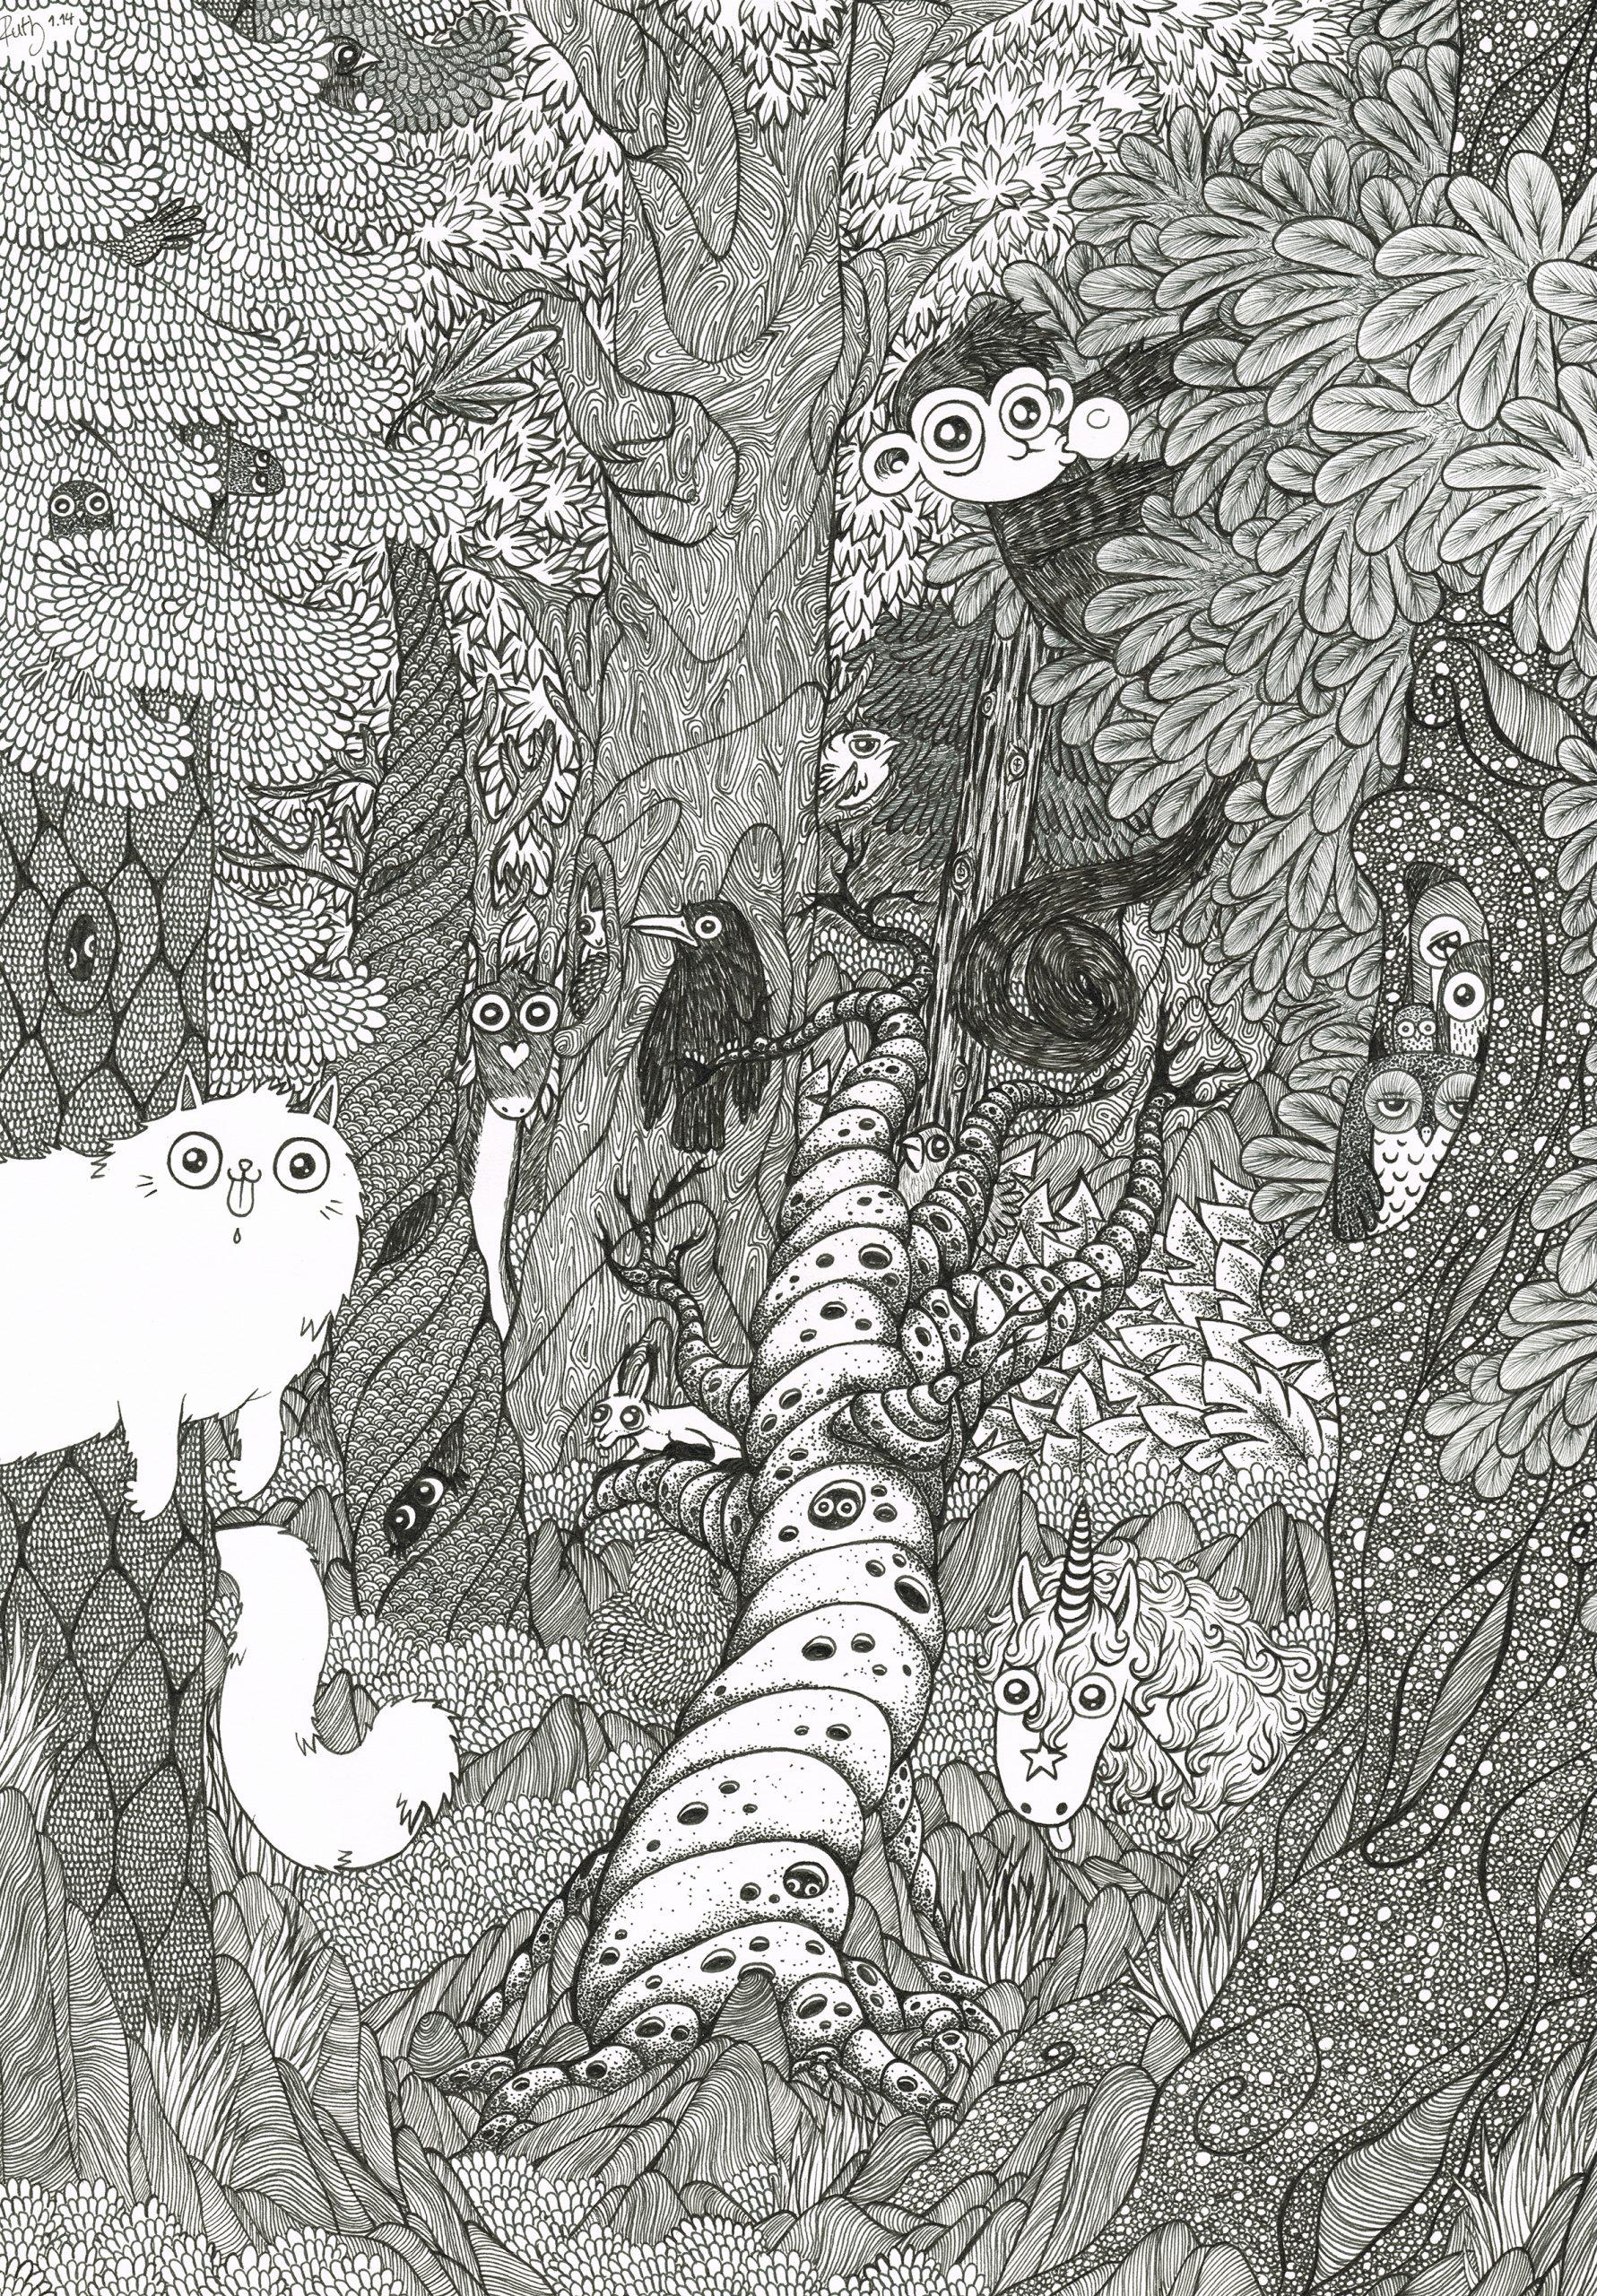 Illustrationsbeispiel - Ruth Berninger - Auf der Webseite www.aschaffenbuch.de